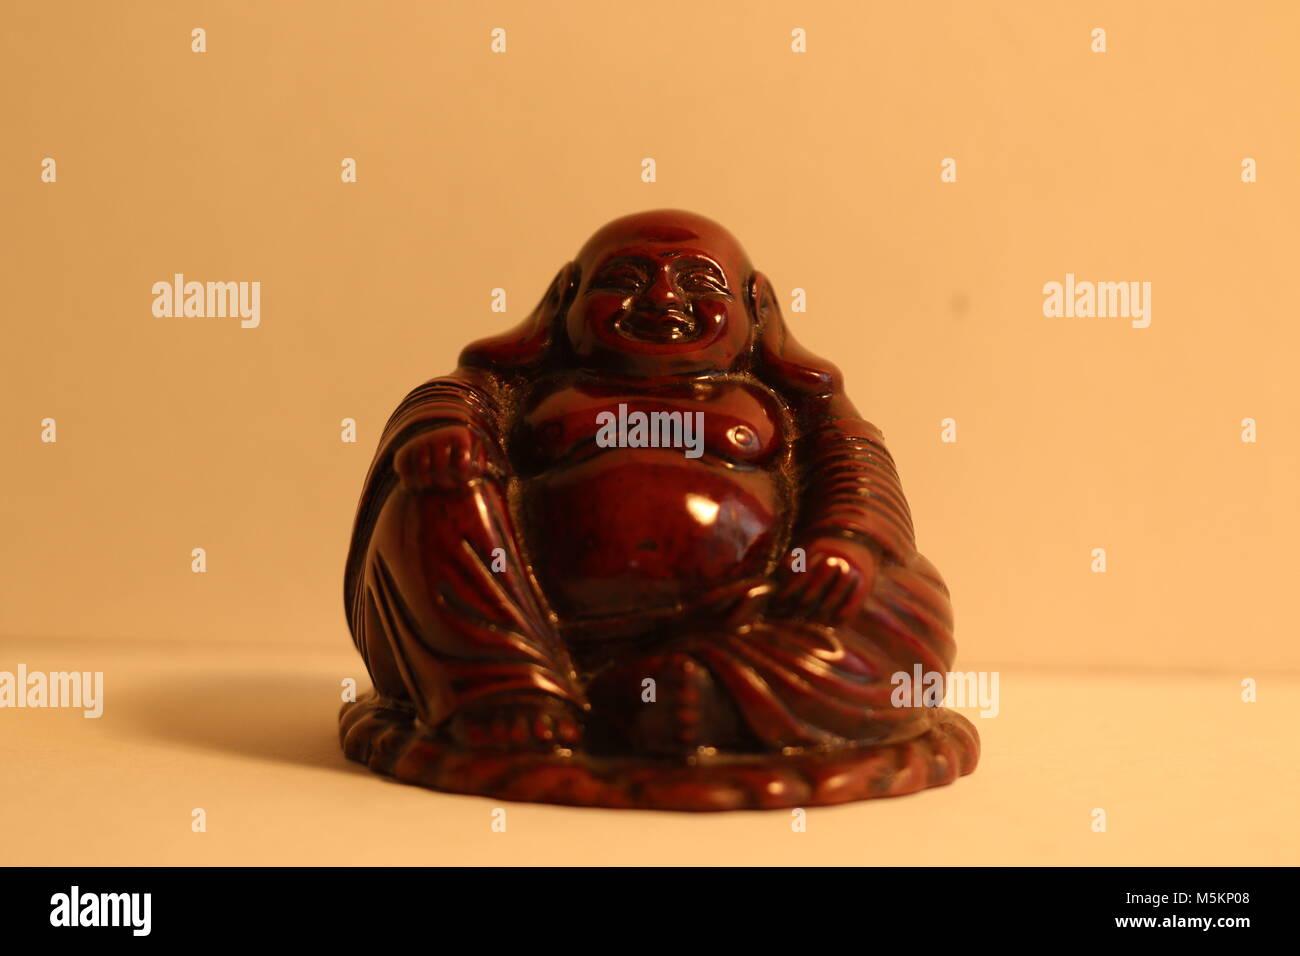 Red stone Chinese Buddha - Stock Image